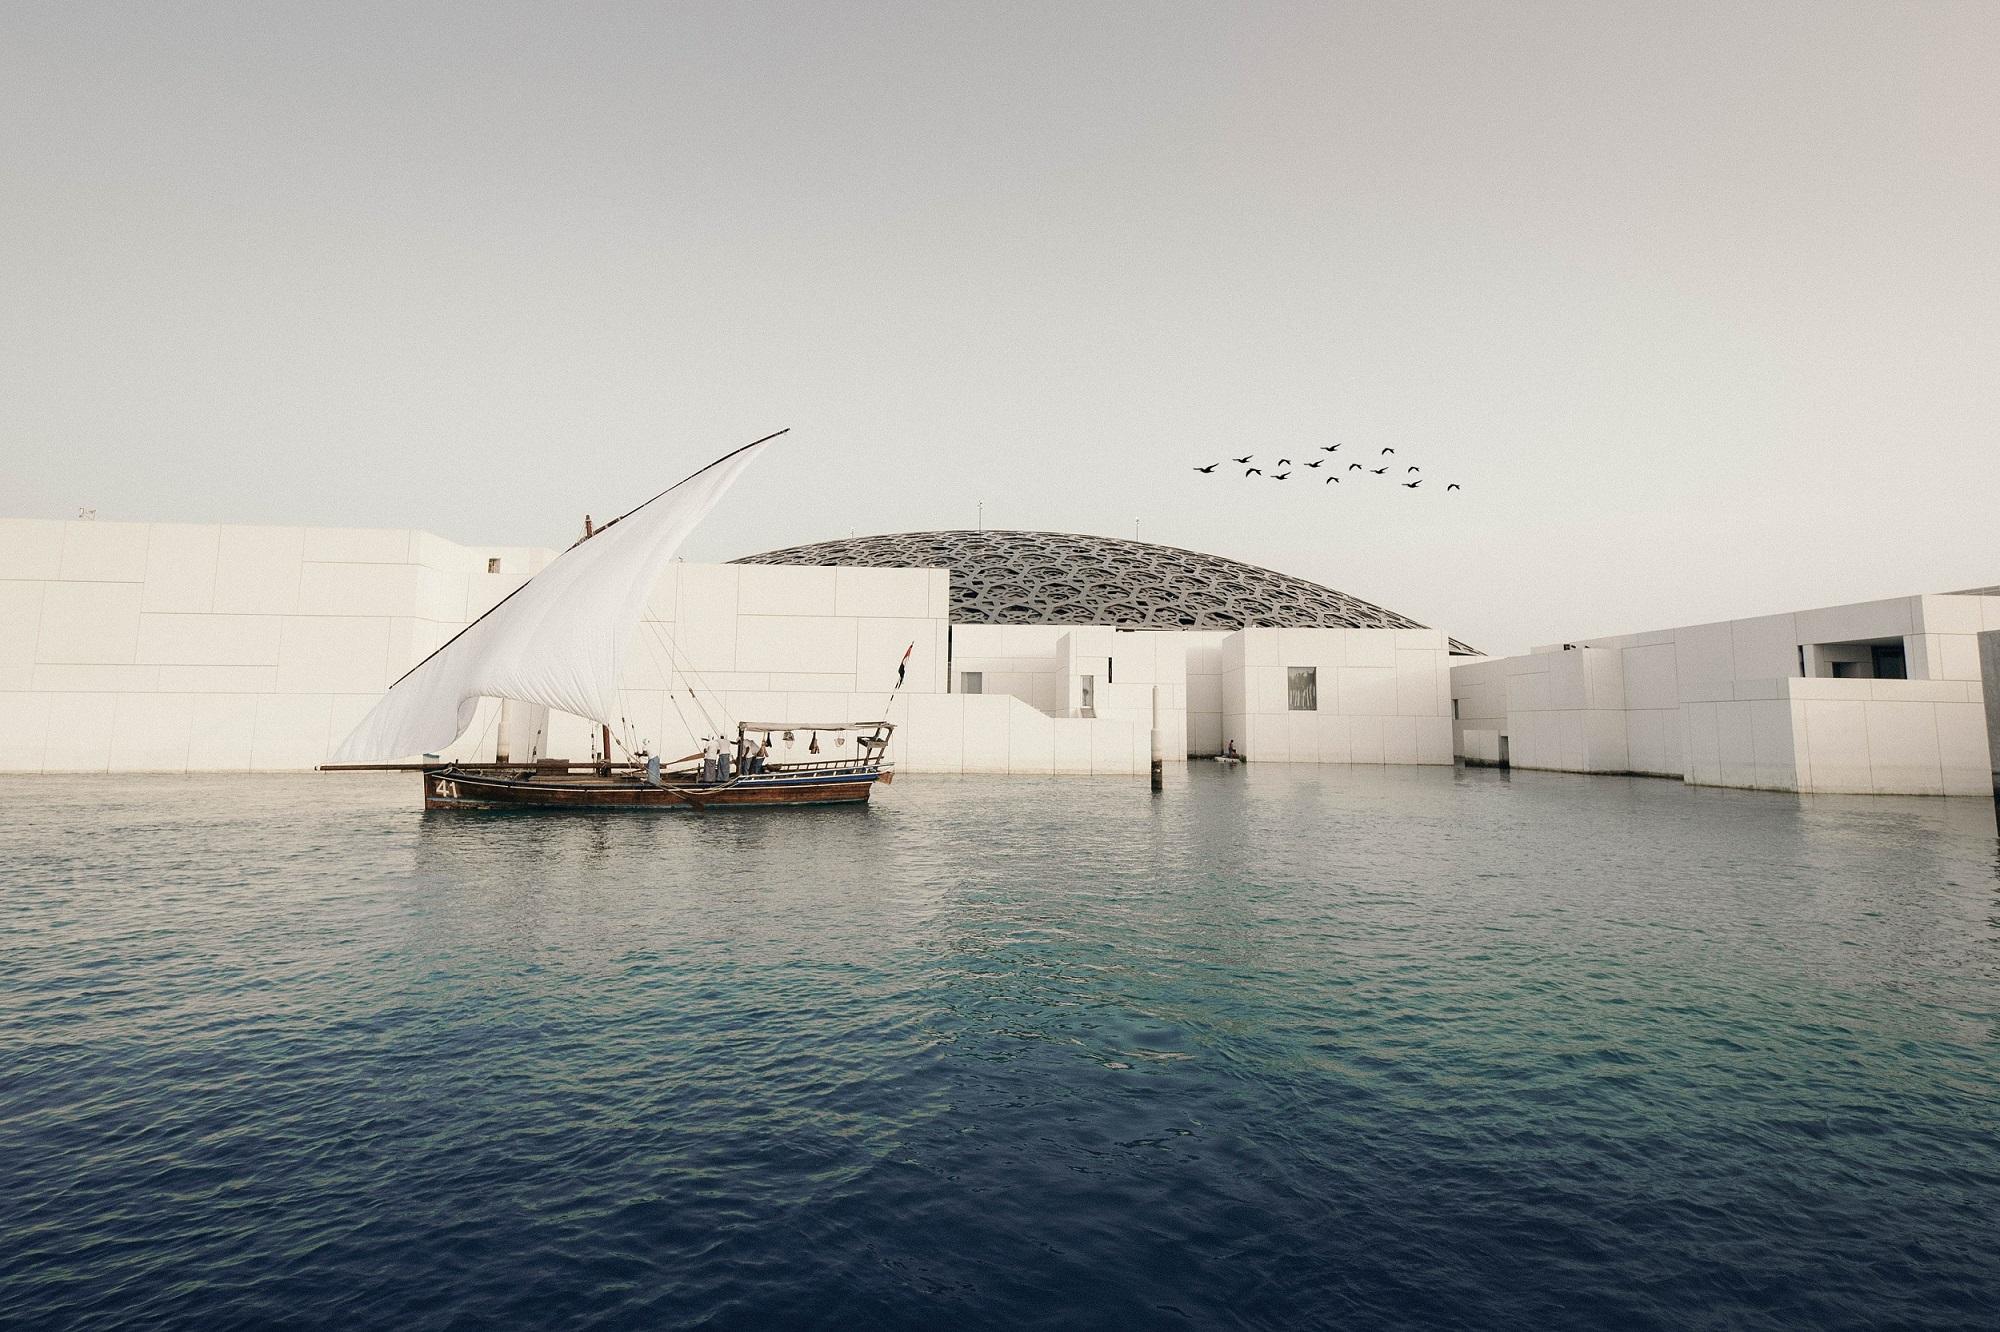 مواقع أبوظبي الثقافية تستعد لاستقبال الزوار في 24 يونيو